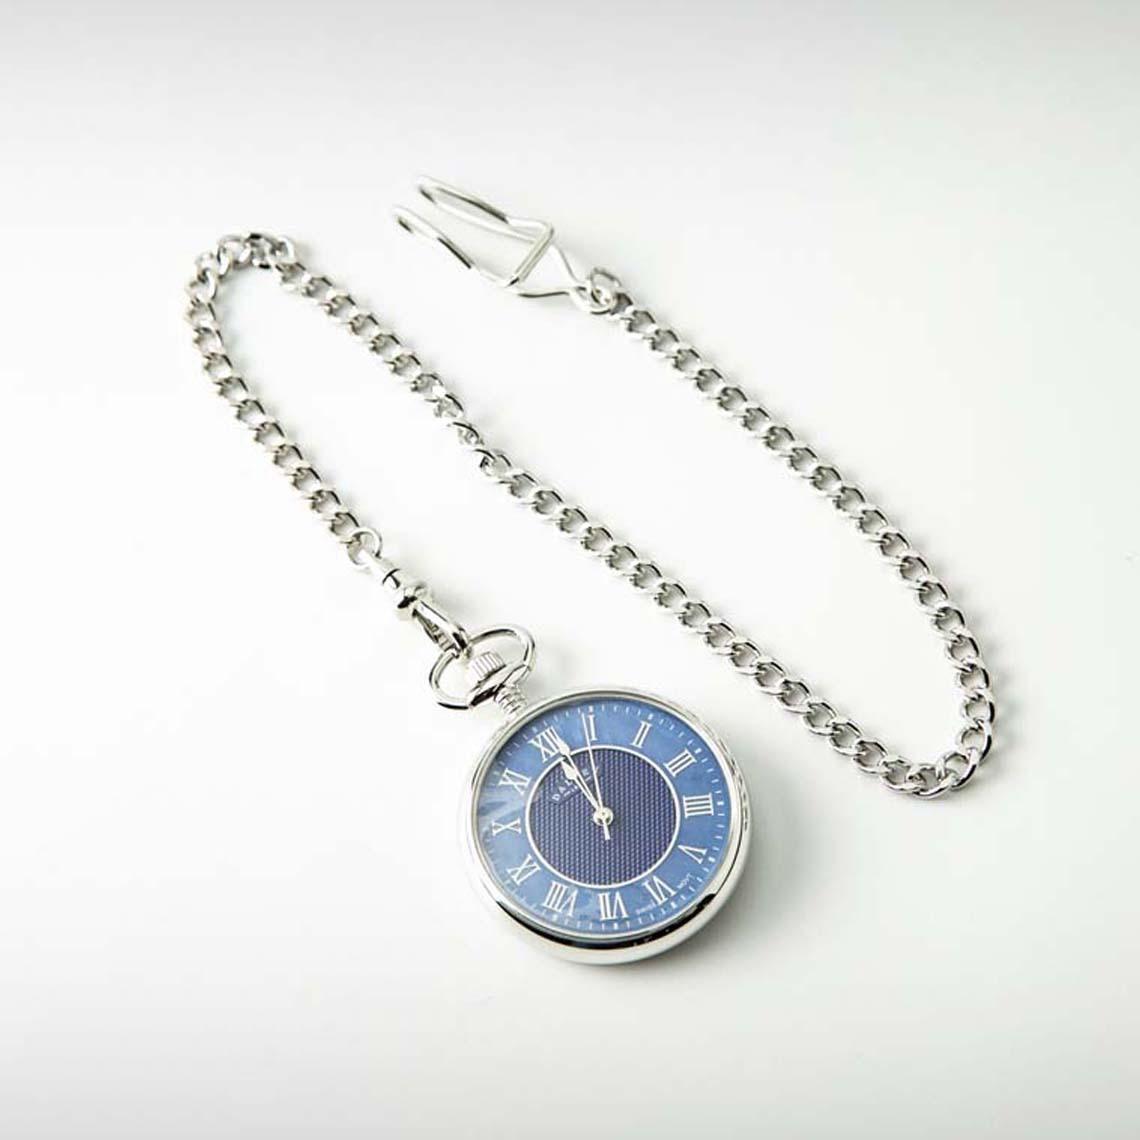 Dalvey Open Face Packet Watch Blue